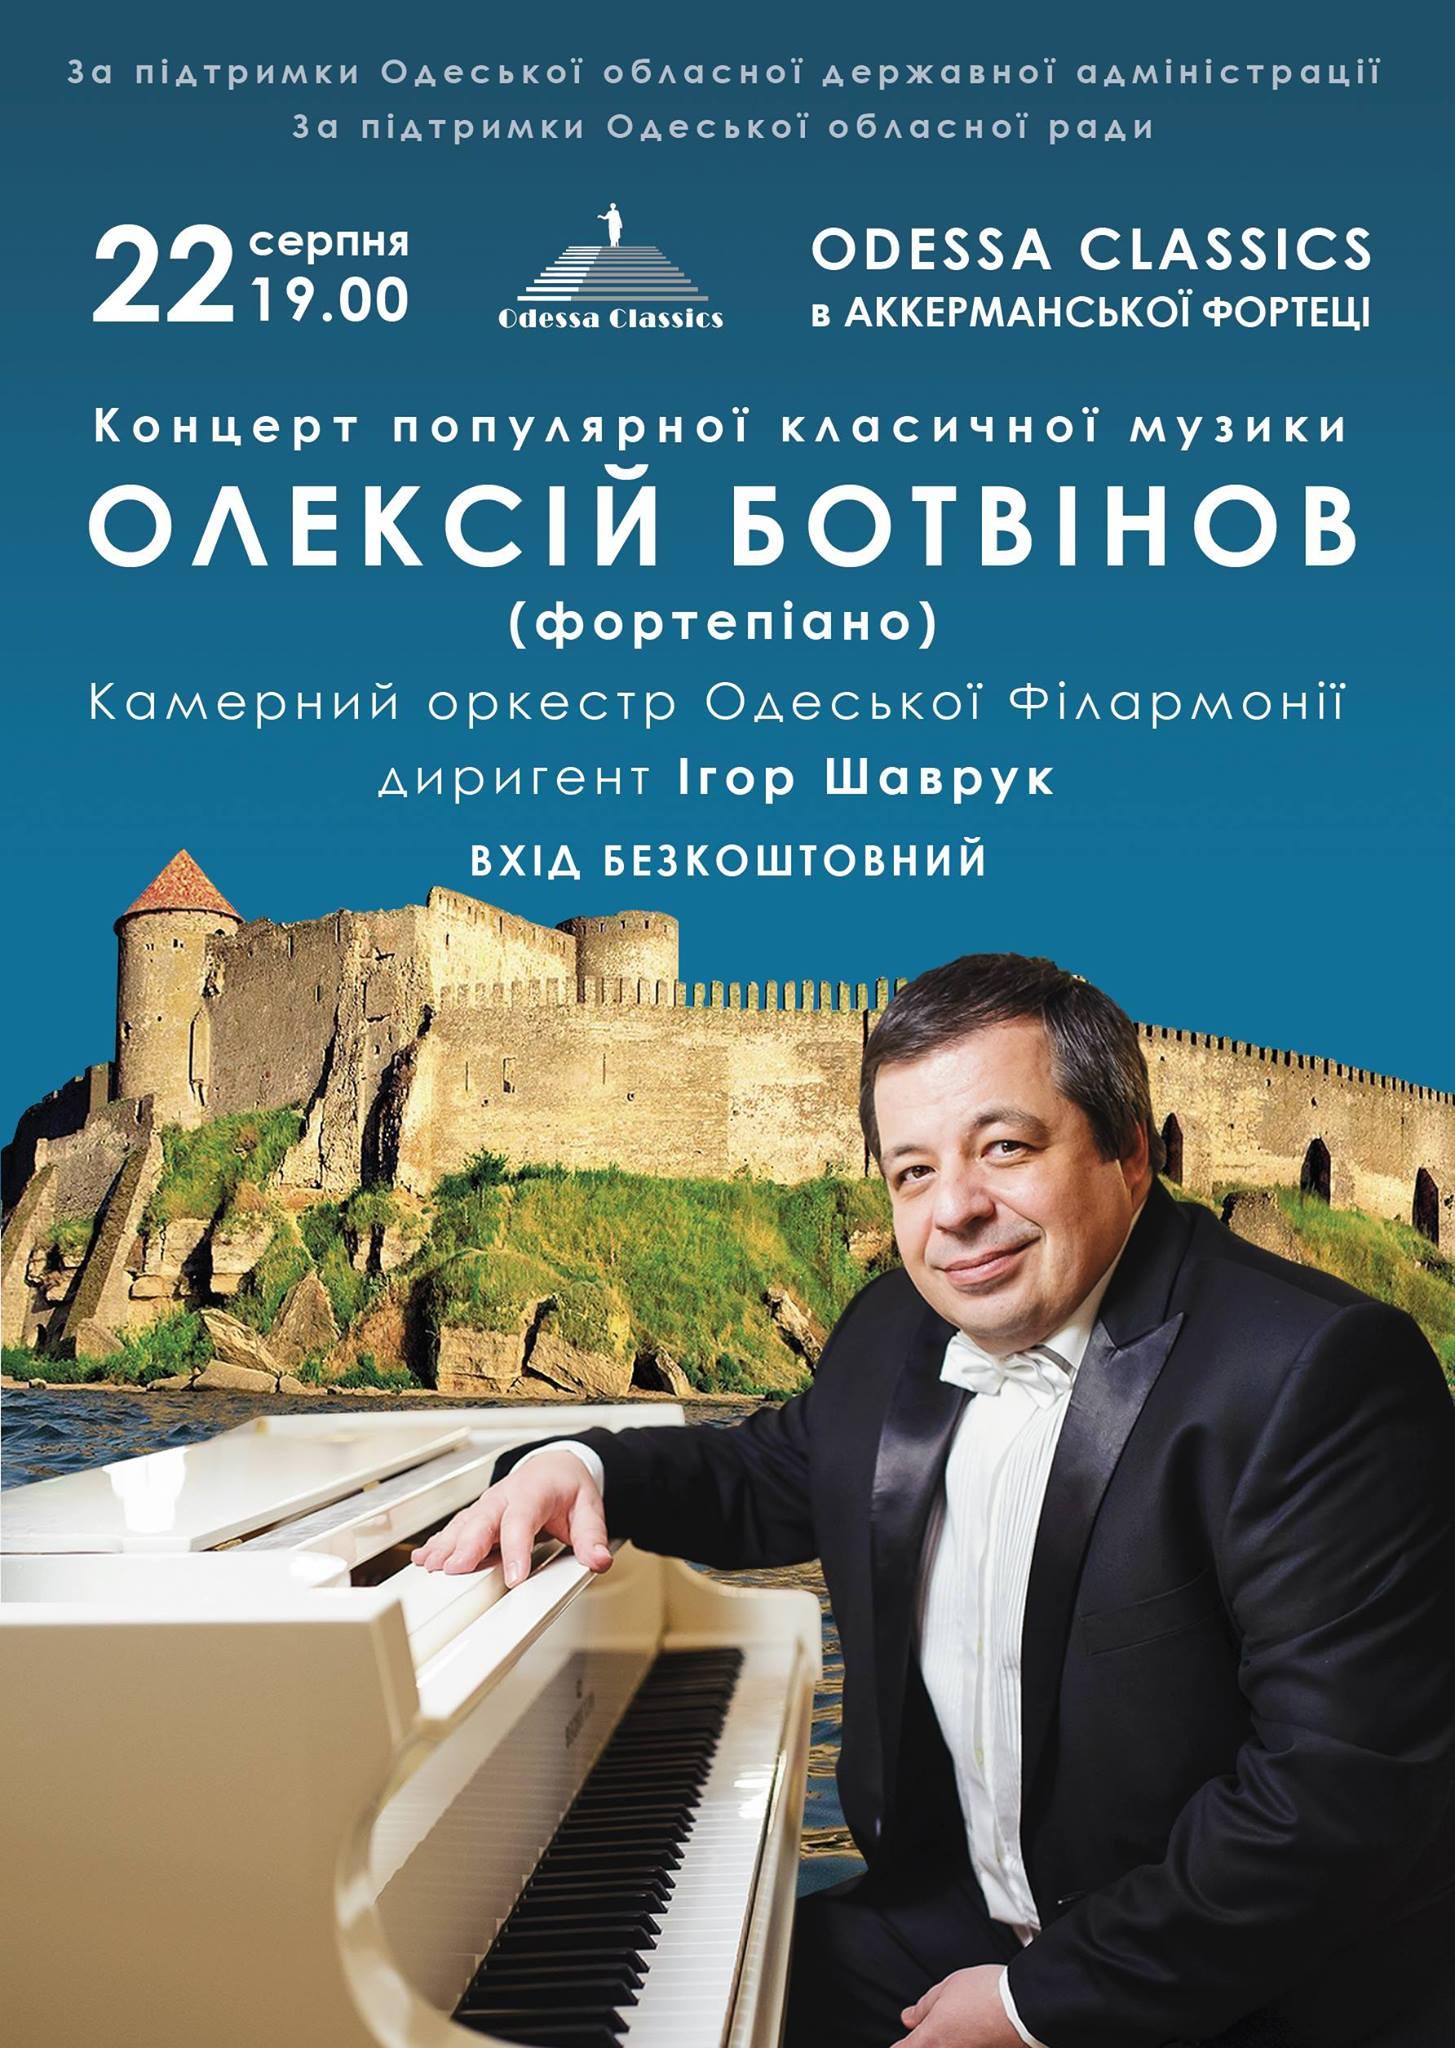 Концерт популярной классической музыки